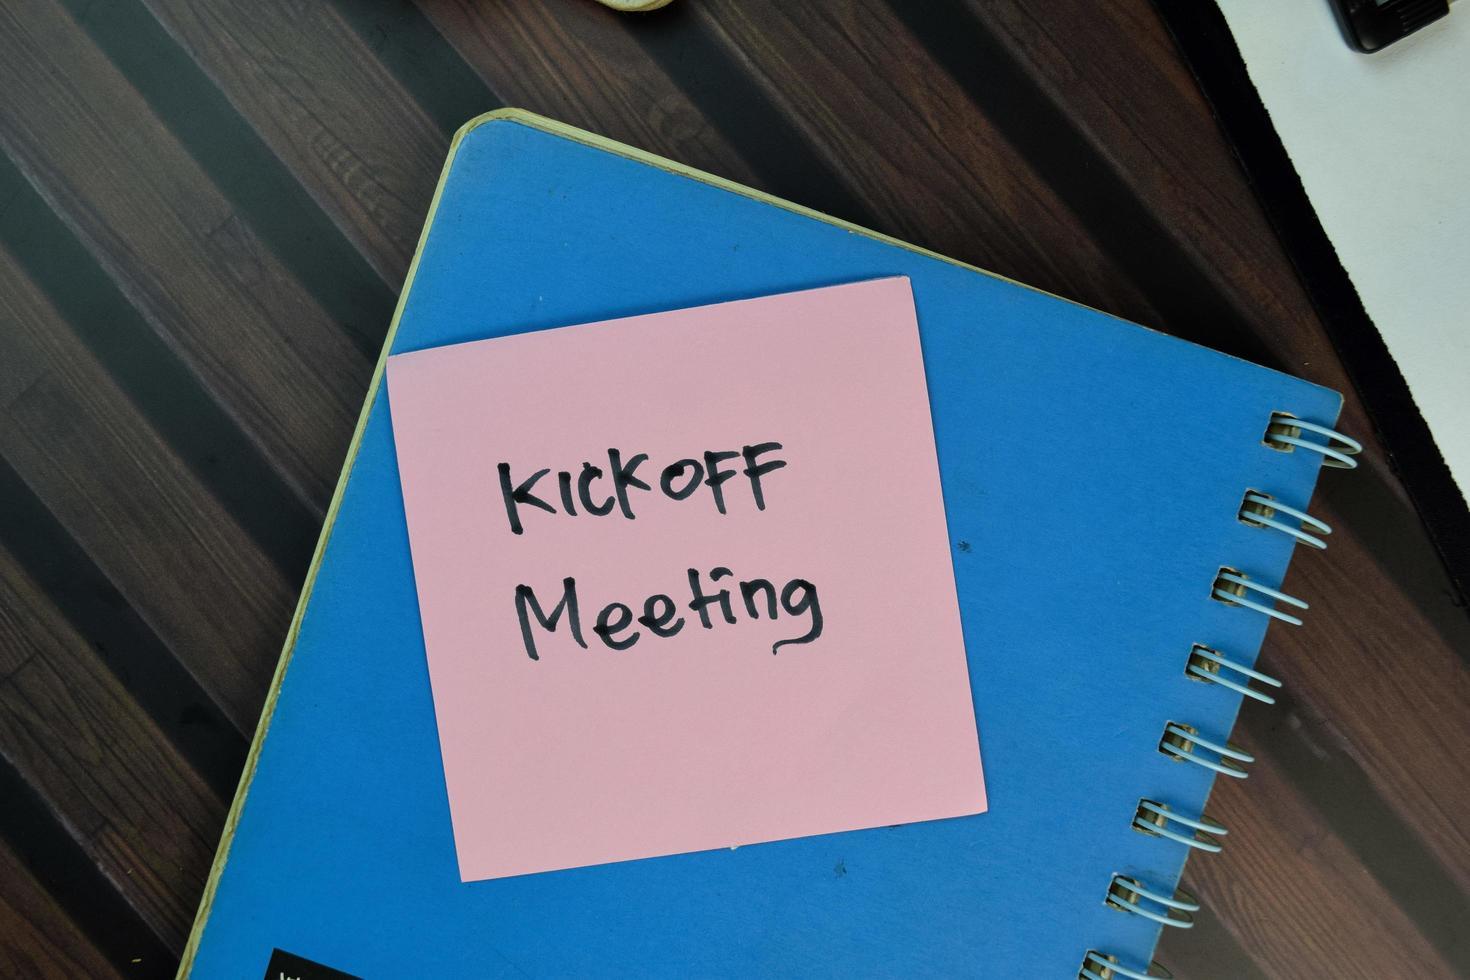 kickoff meeting geschreven op notitie geïsoleerd op een houten tafel foto